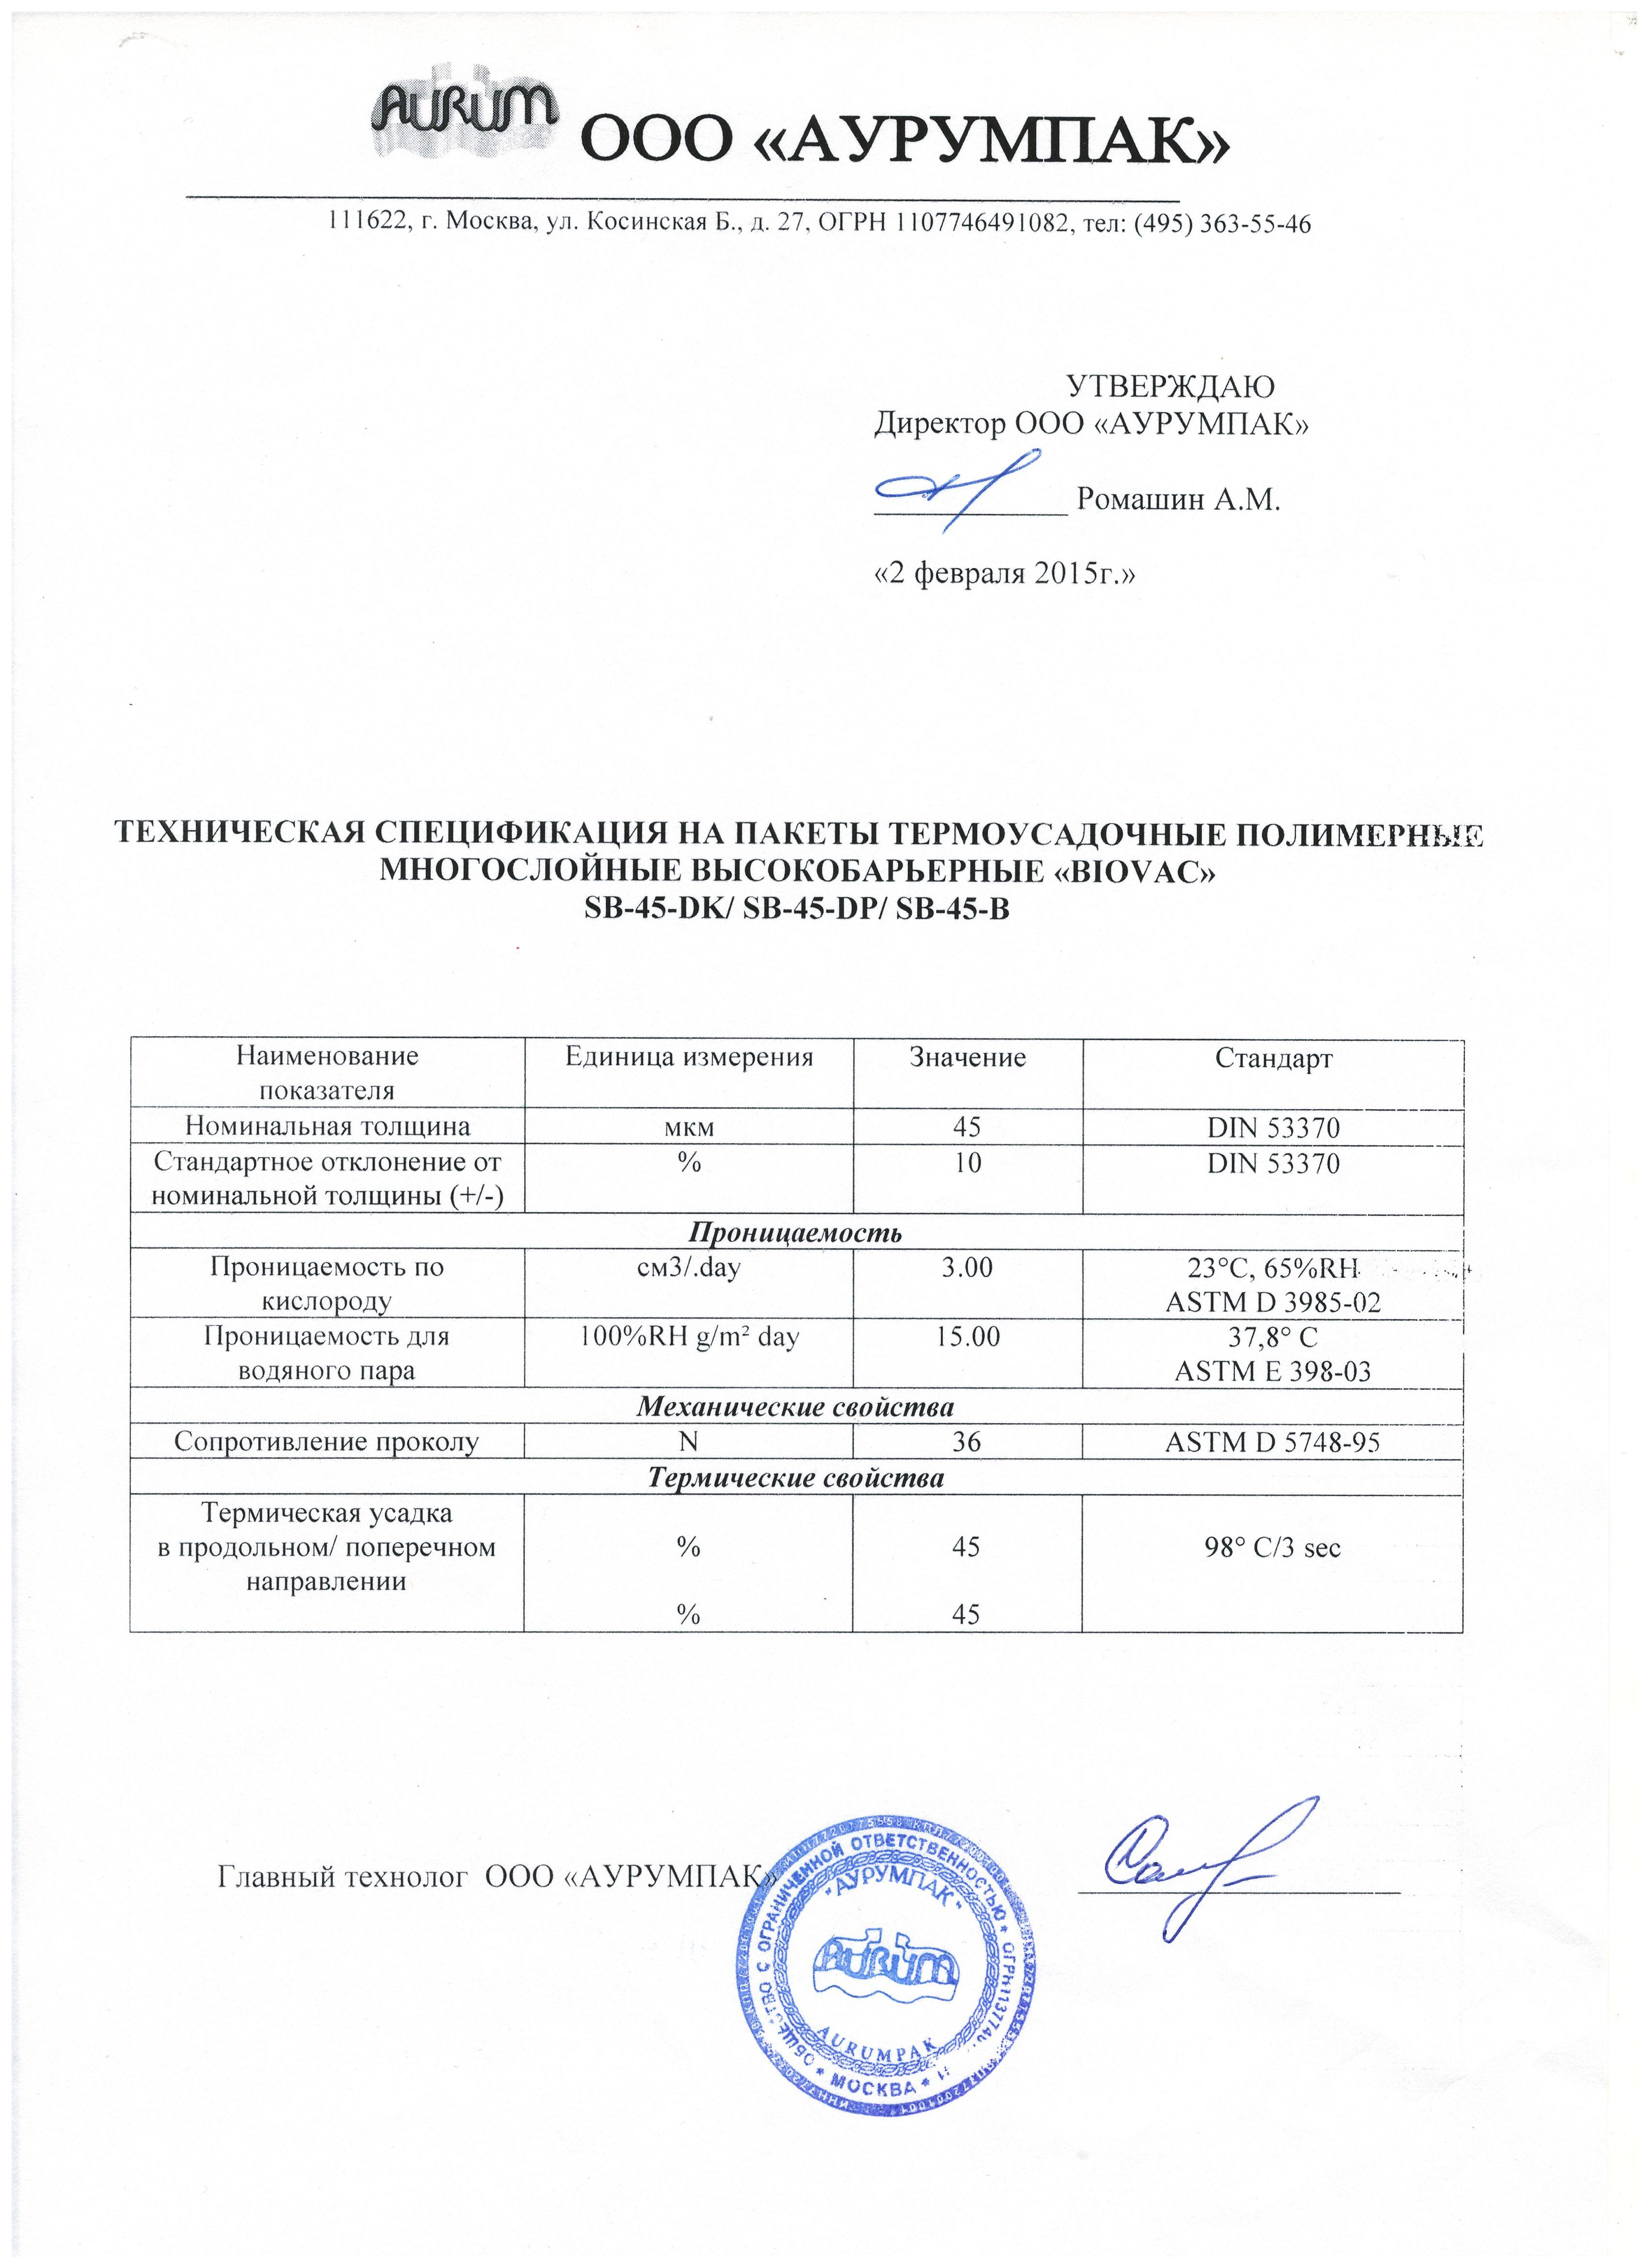 Техническая спецификация на BIOVAC SB-45